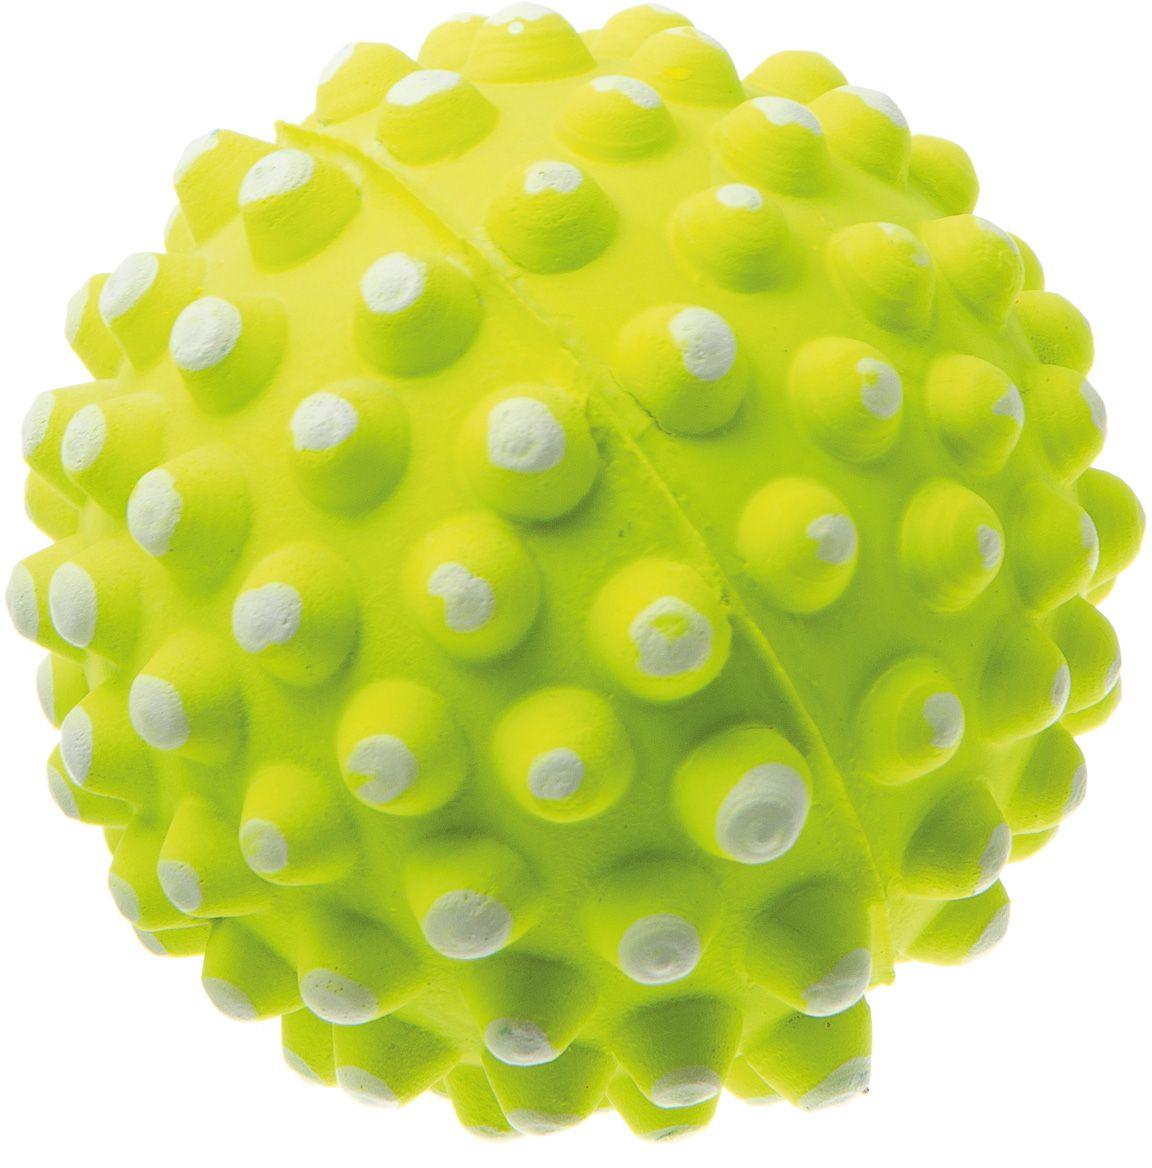 Мяч V.I.Pet Коралл, цвет: желтый, 72 мм. 20-112520-1125